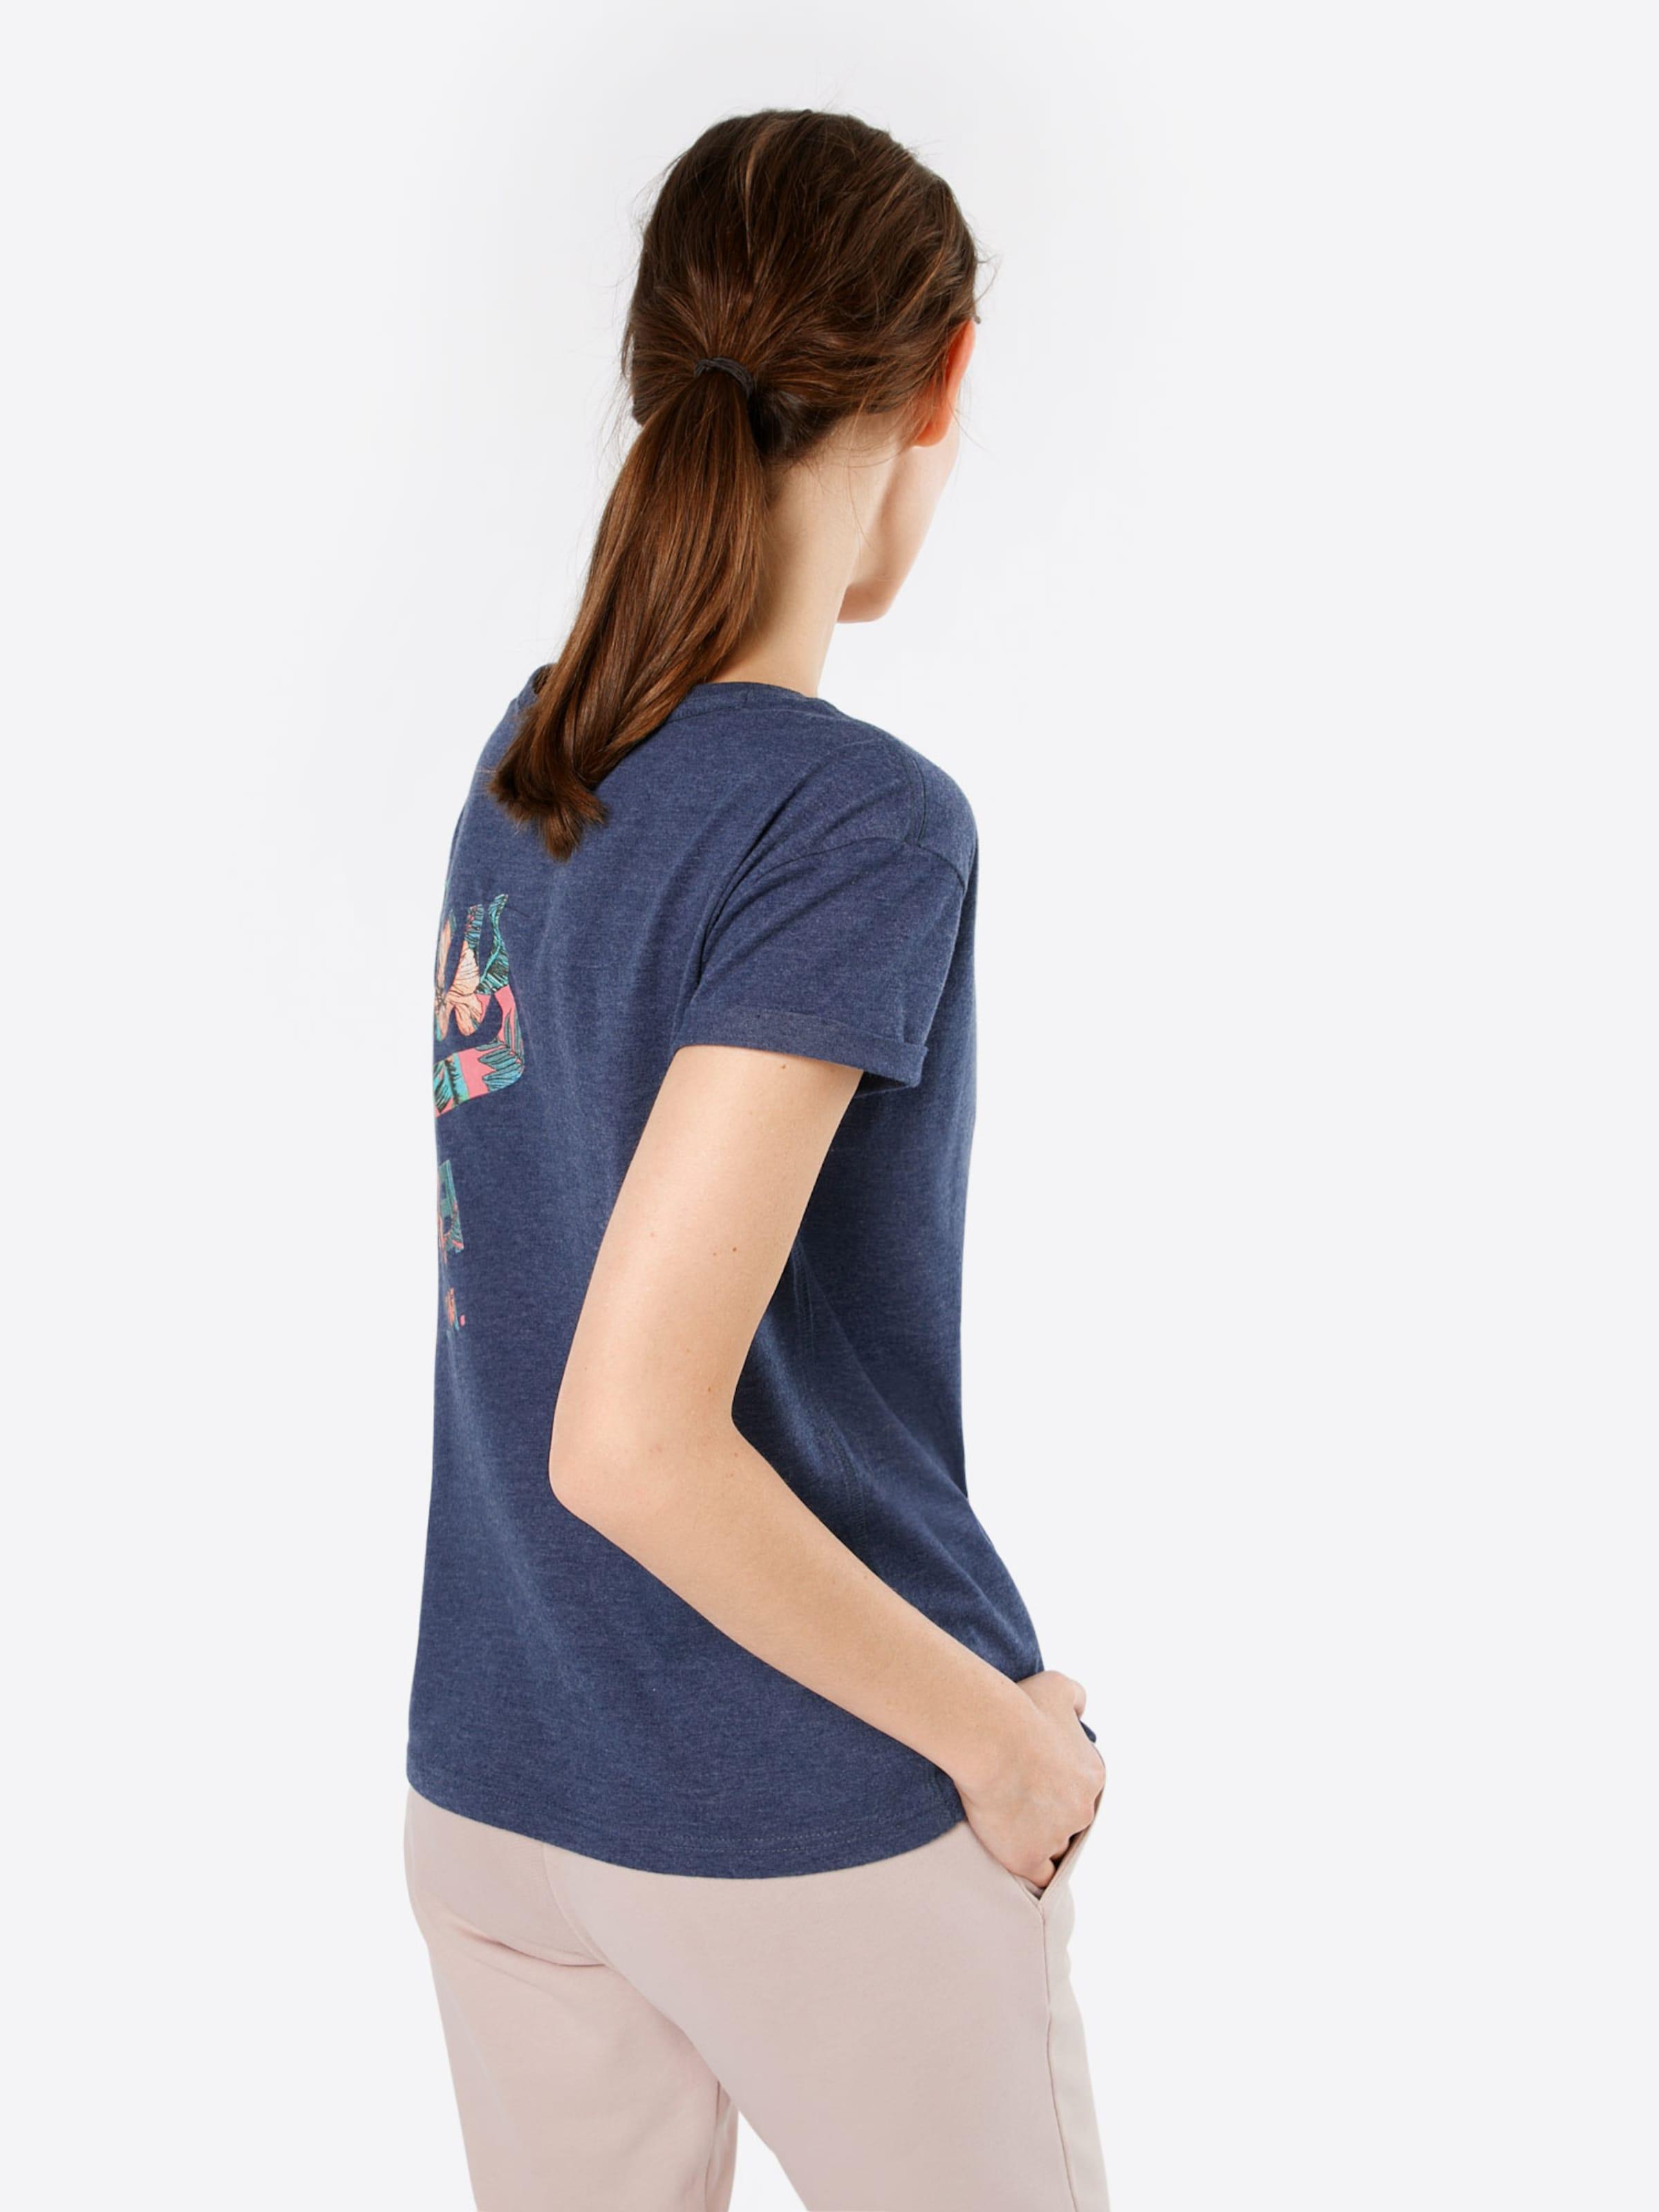 2018 Billig Verkaufen Niedrige Versand Online Superdry T-Shirt 'VINTAGE LOGO WRAP SLIM BF' Günstige Rabatte Lieferung Frei Haus Mit Kreditkarte Xzu0aFLkd